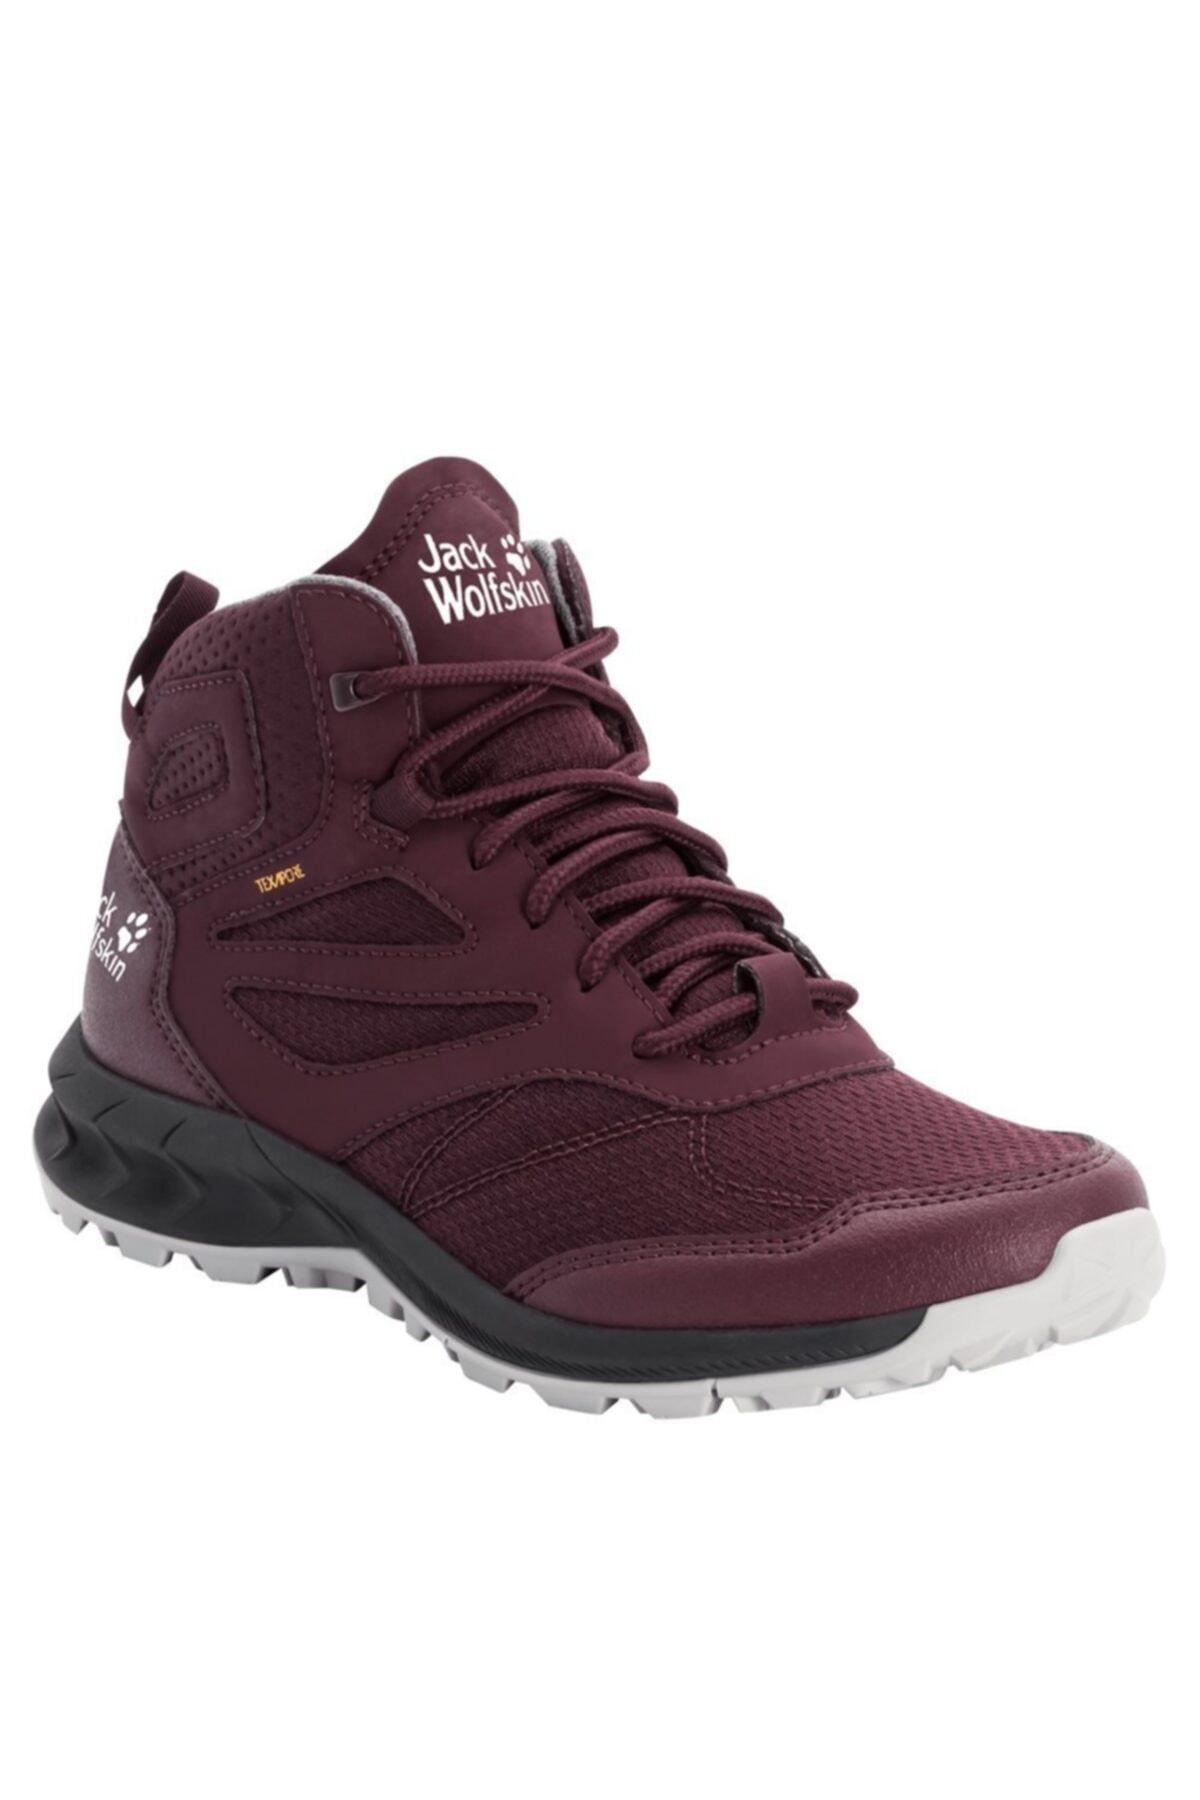 Jack Wolfskin Woodland Texapore Mid W Kadın Outdoor Ayakkabı 1